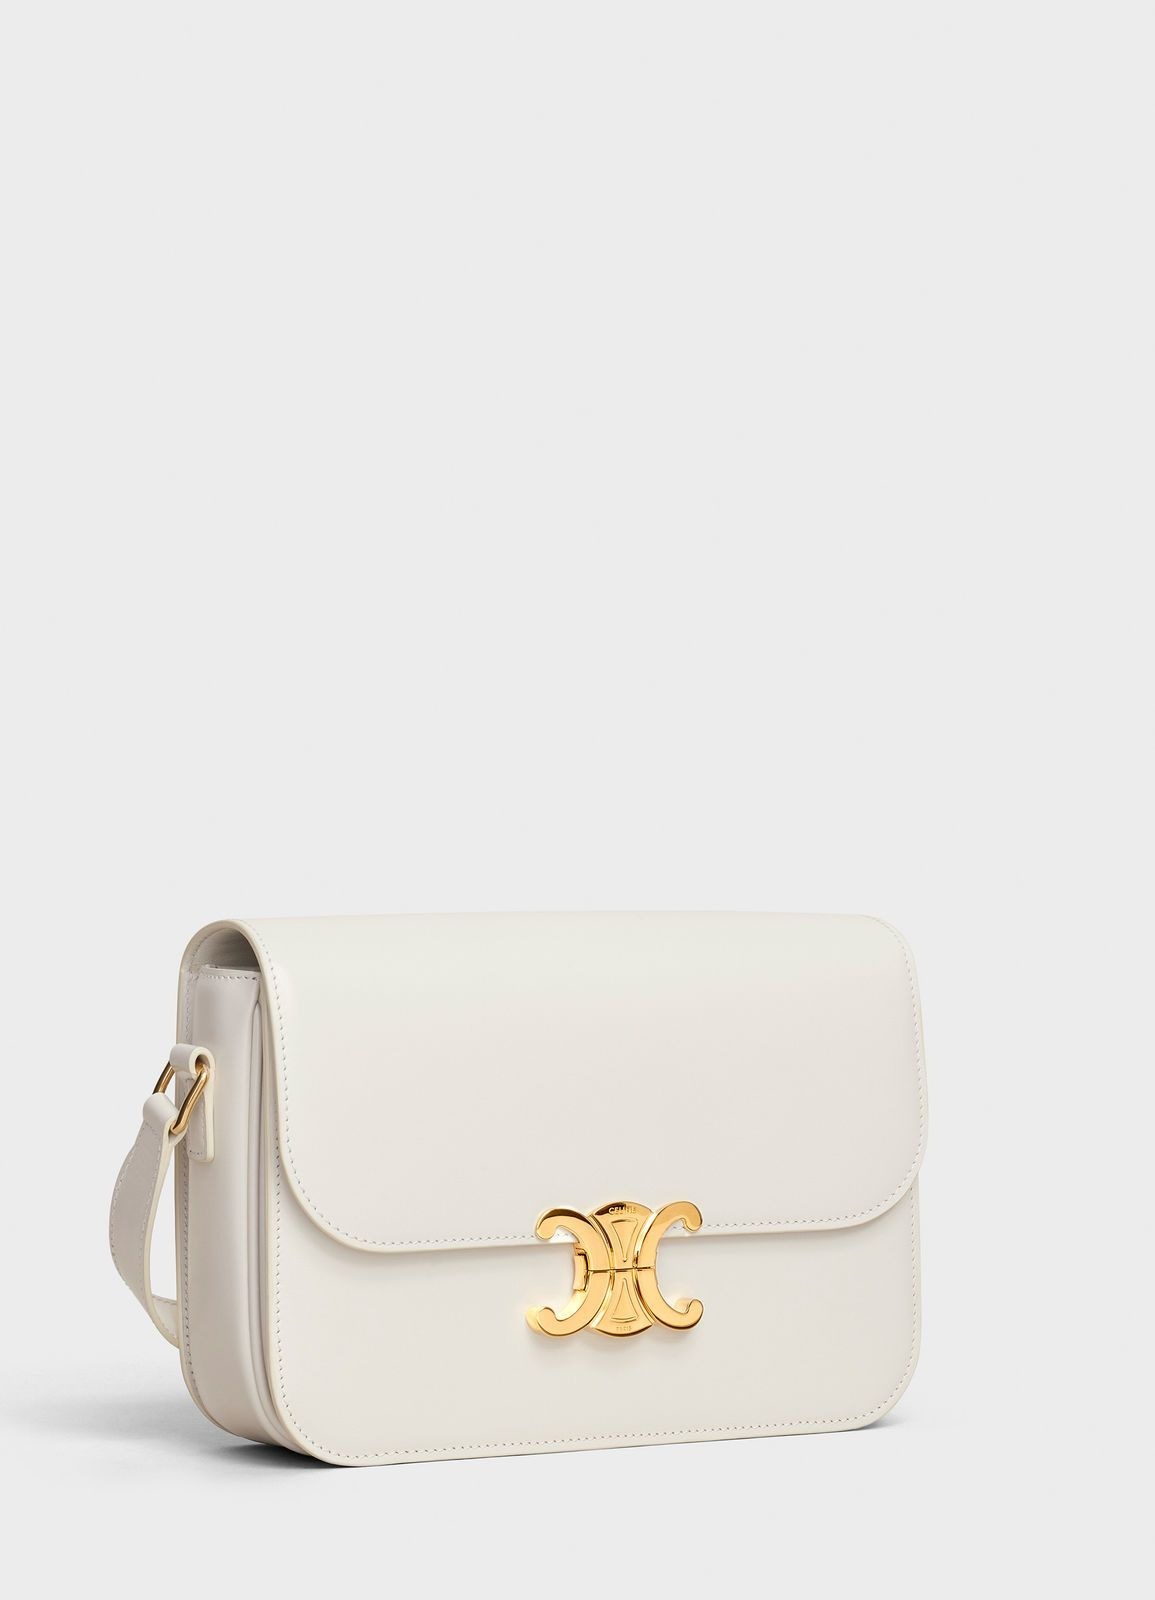 854f01c0473 Medium Triomphe Bag in Shiny Calfskin   CELINE   Celine   Pinterest ...